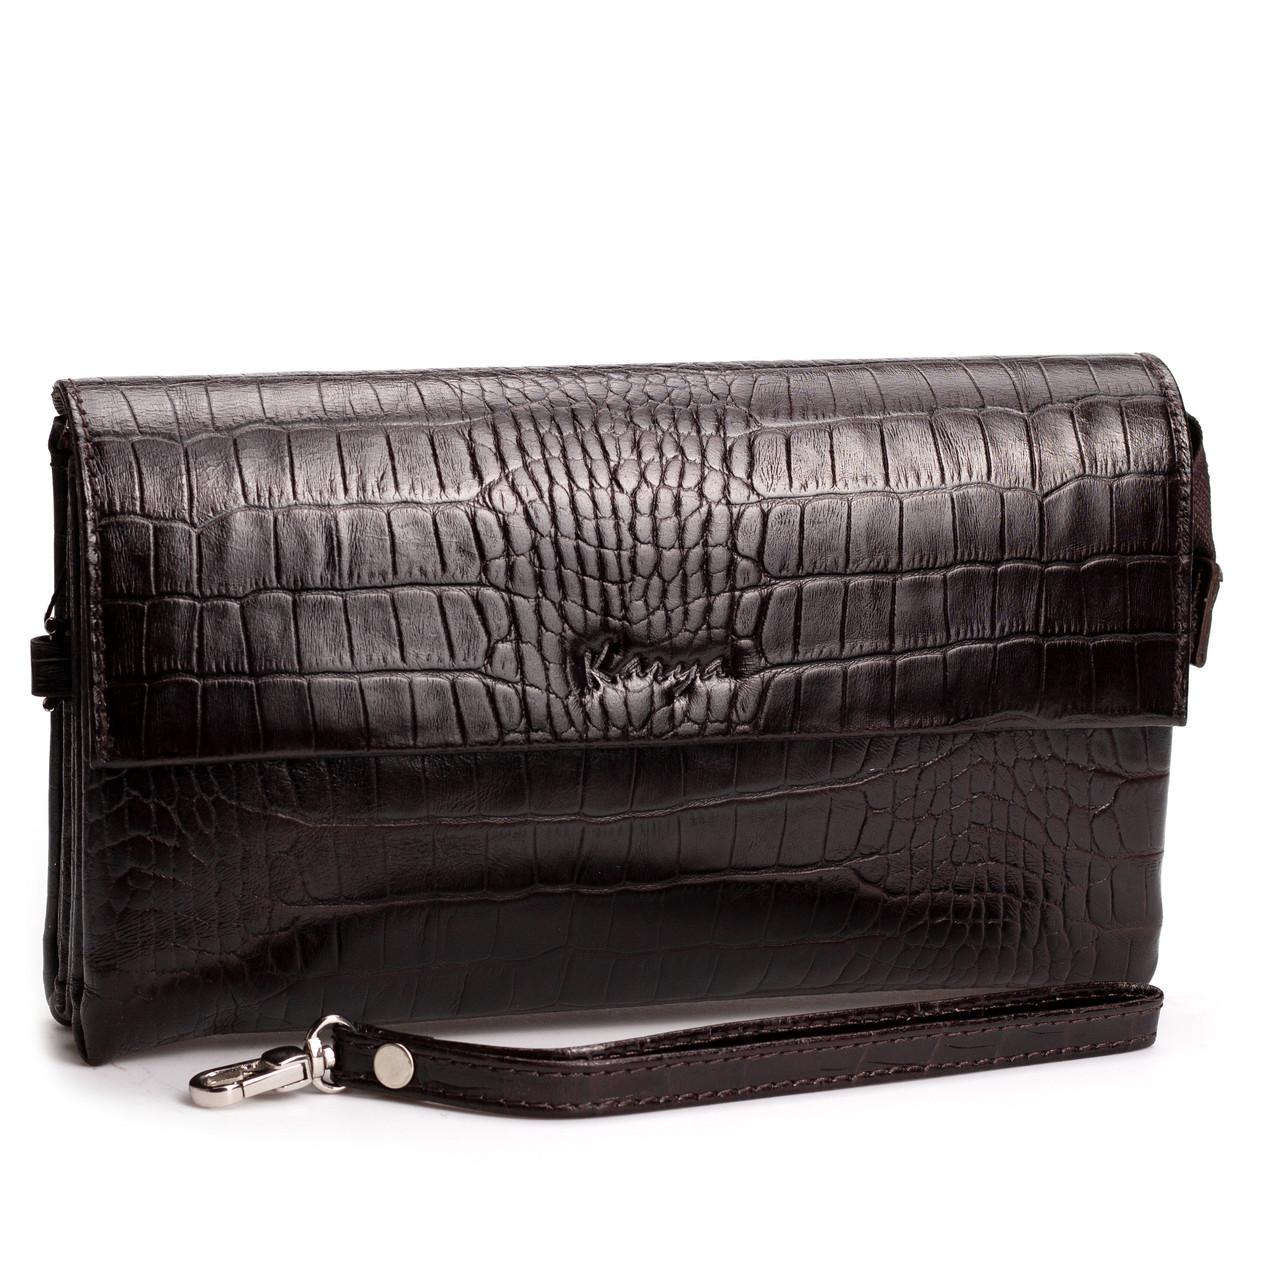 Чоловіча сумка шкіряна барсетка коричнева Karya 0696-57